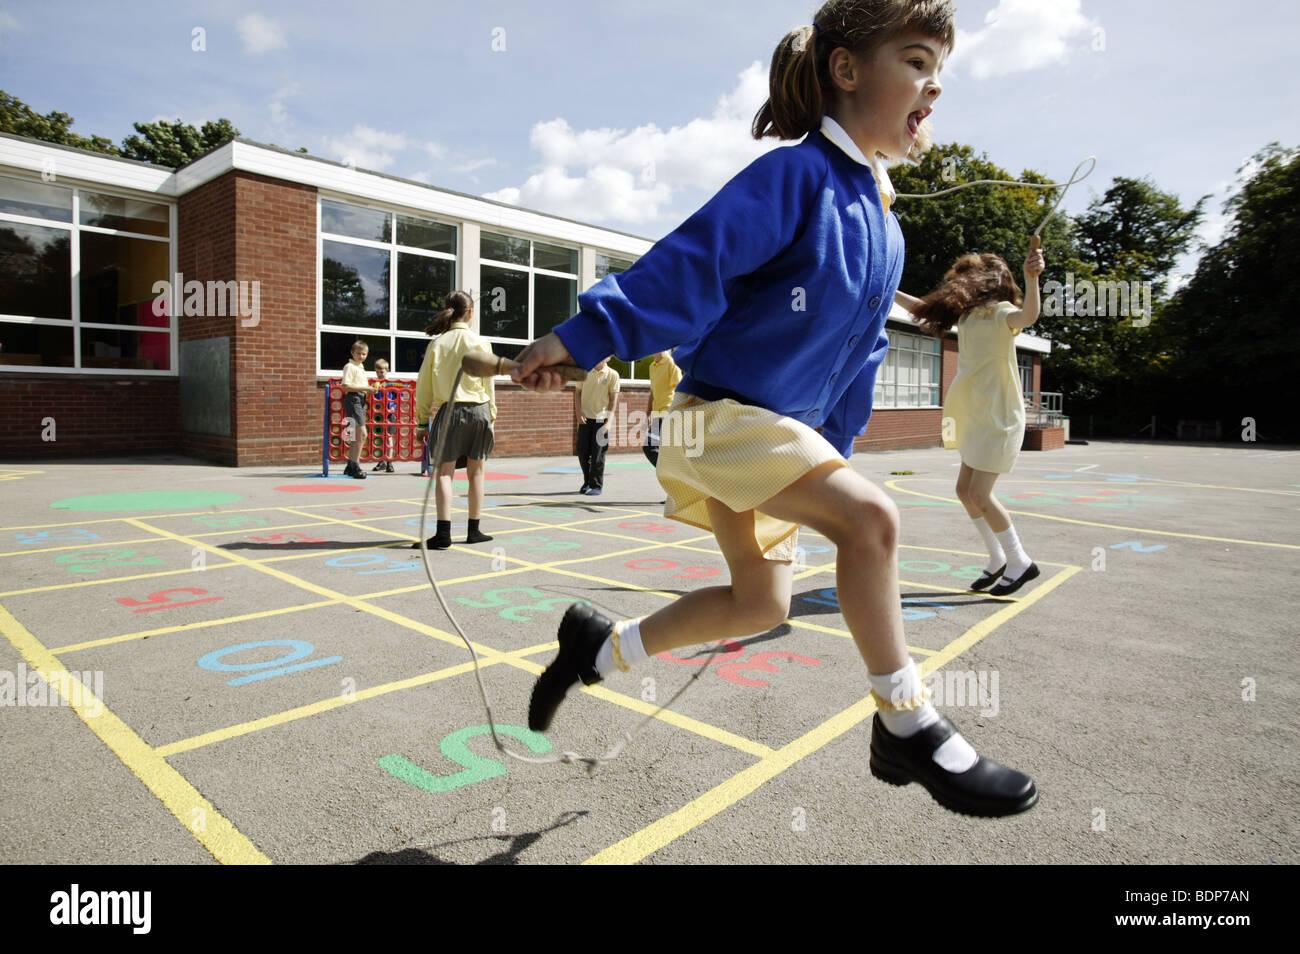 Las colegialas saltando en el patio de una escuela primaria en el Reino Unido. Imagen De Stock